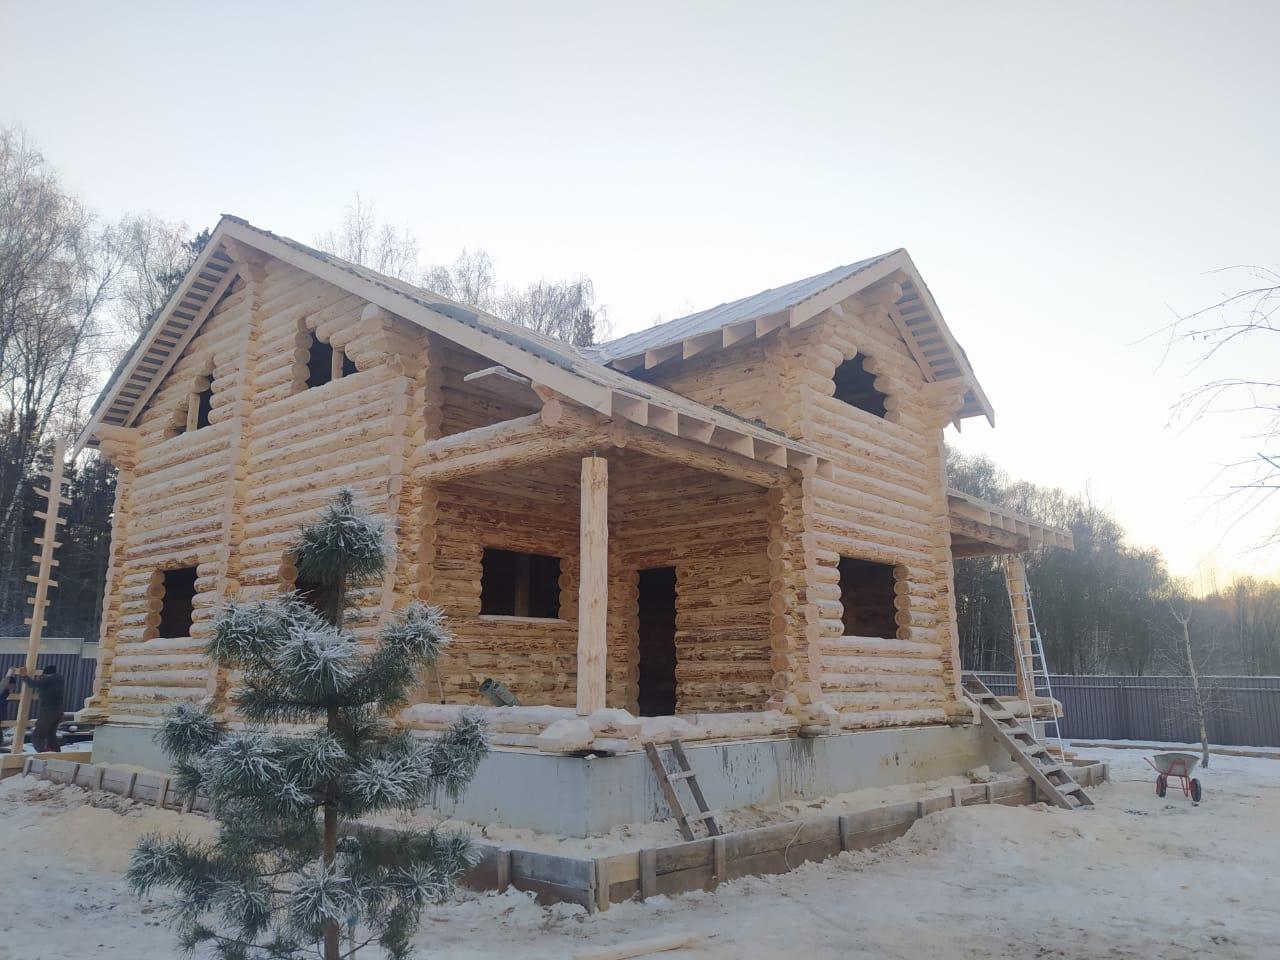 Фото: Большой двухэтажный дом из рубленного бревна в Балашихе